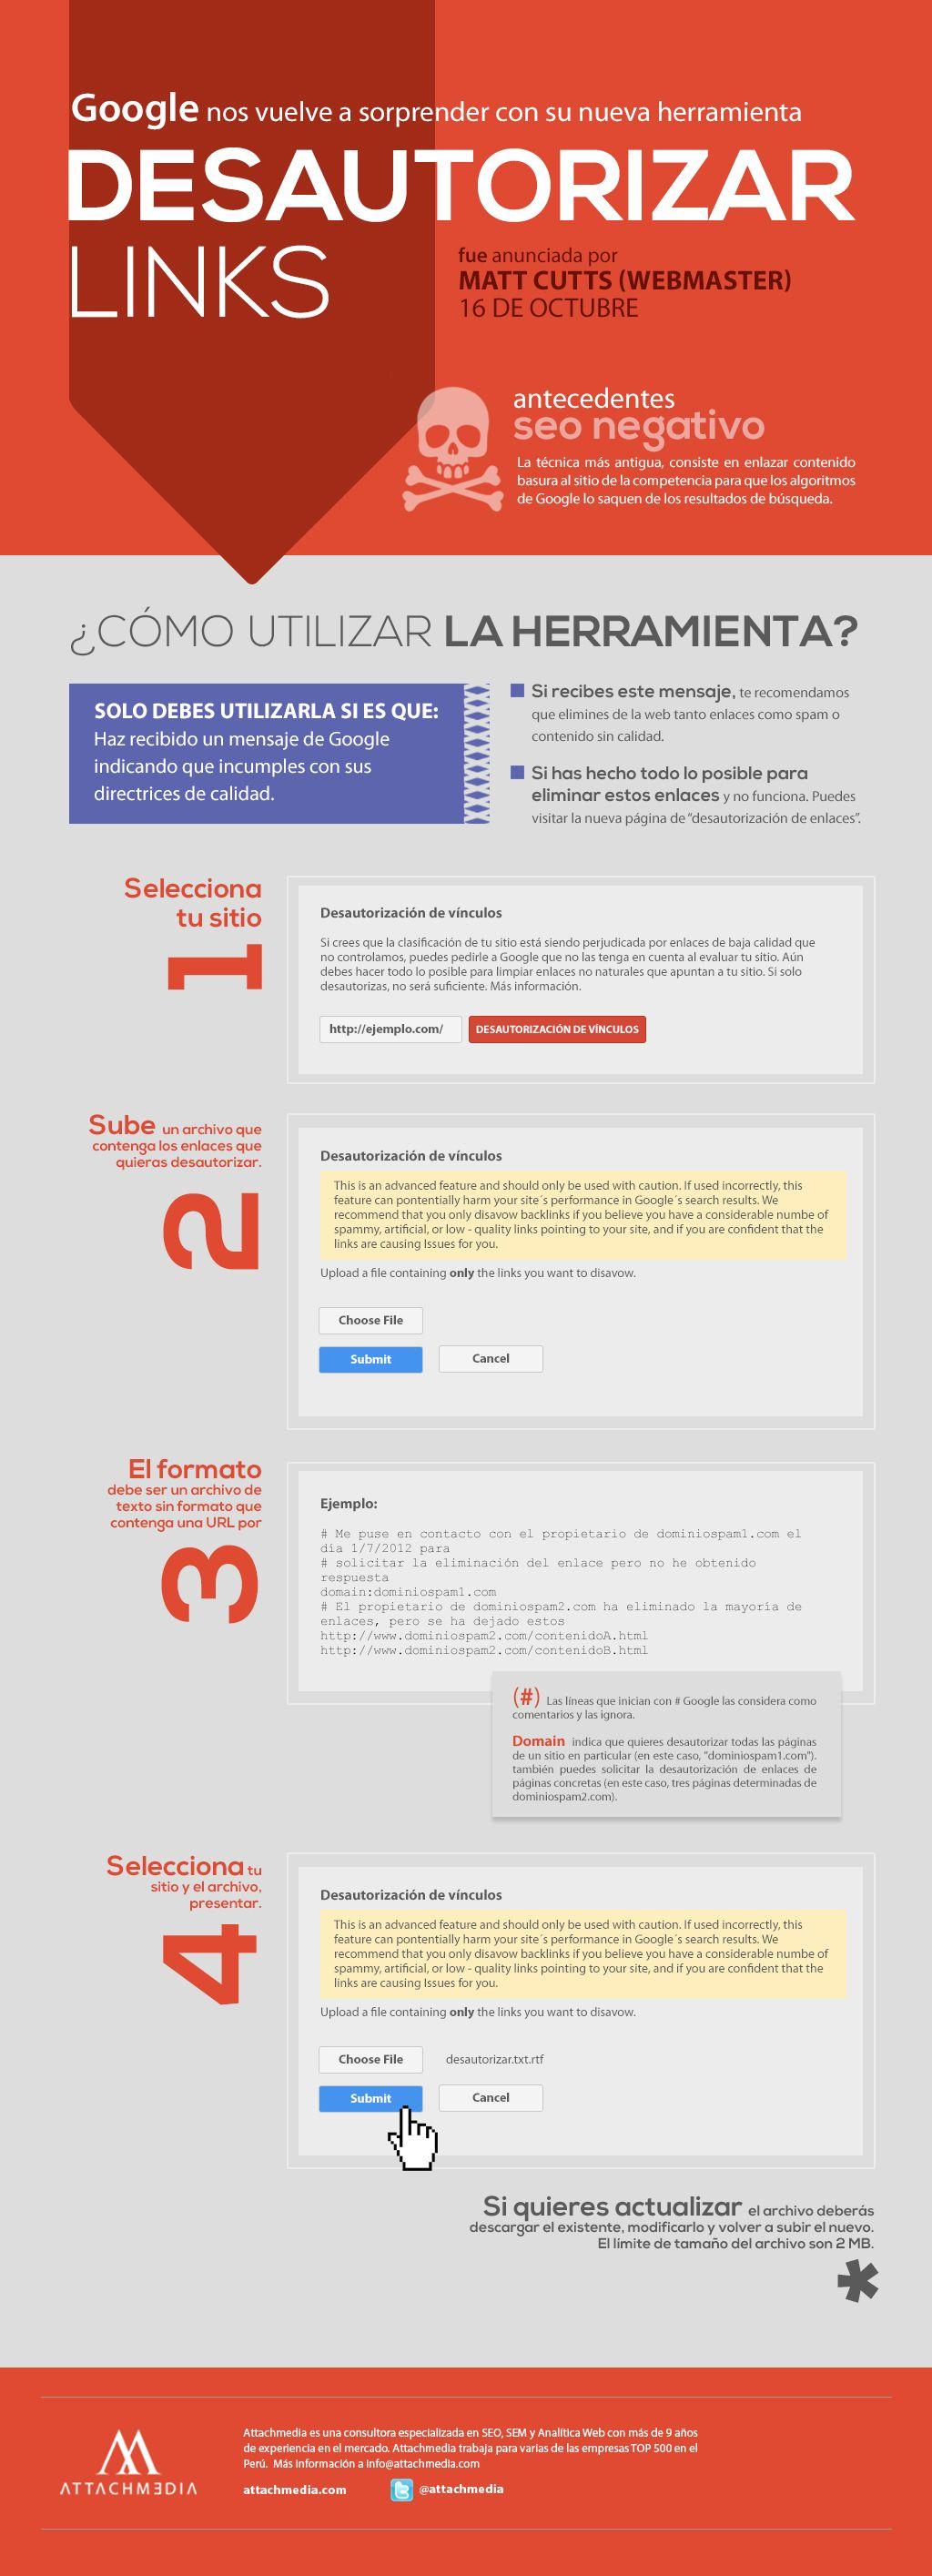 Herramienta para desautorizar links de Google #infografia